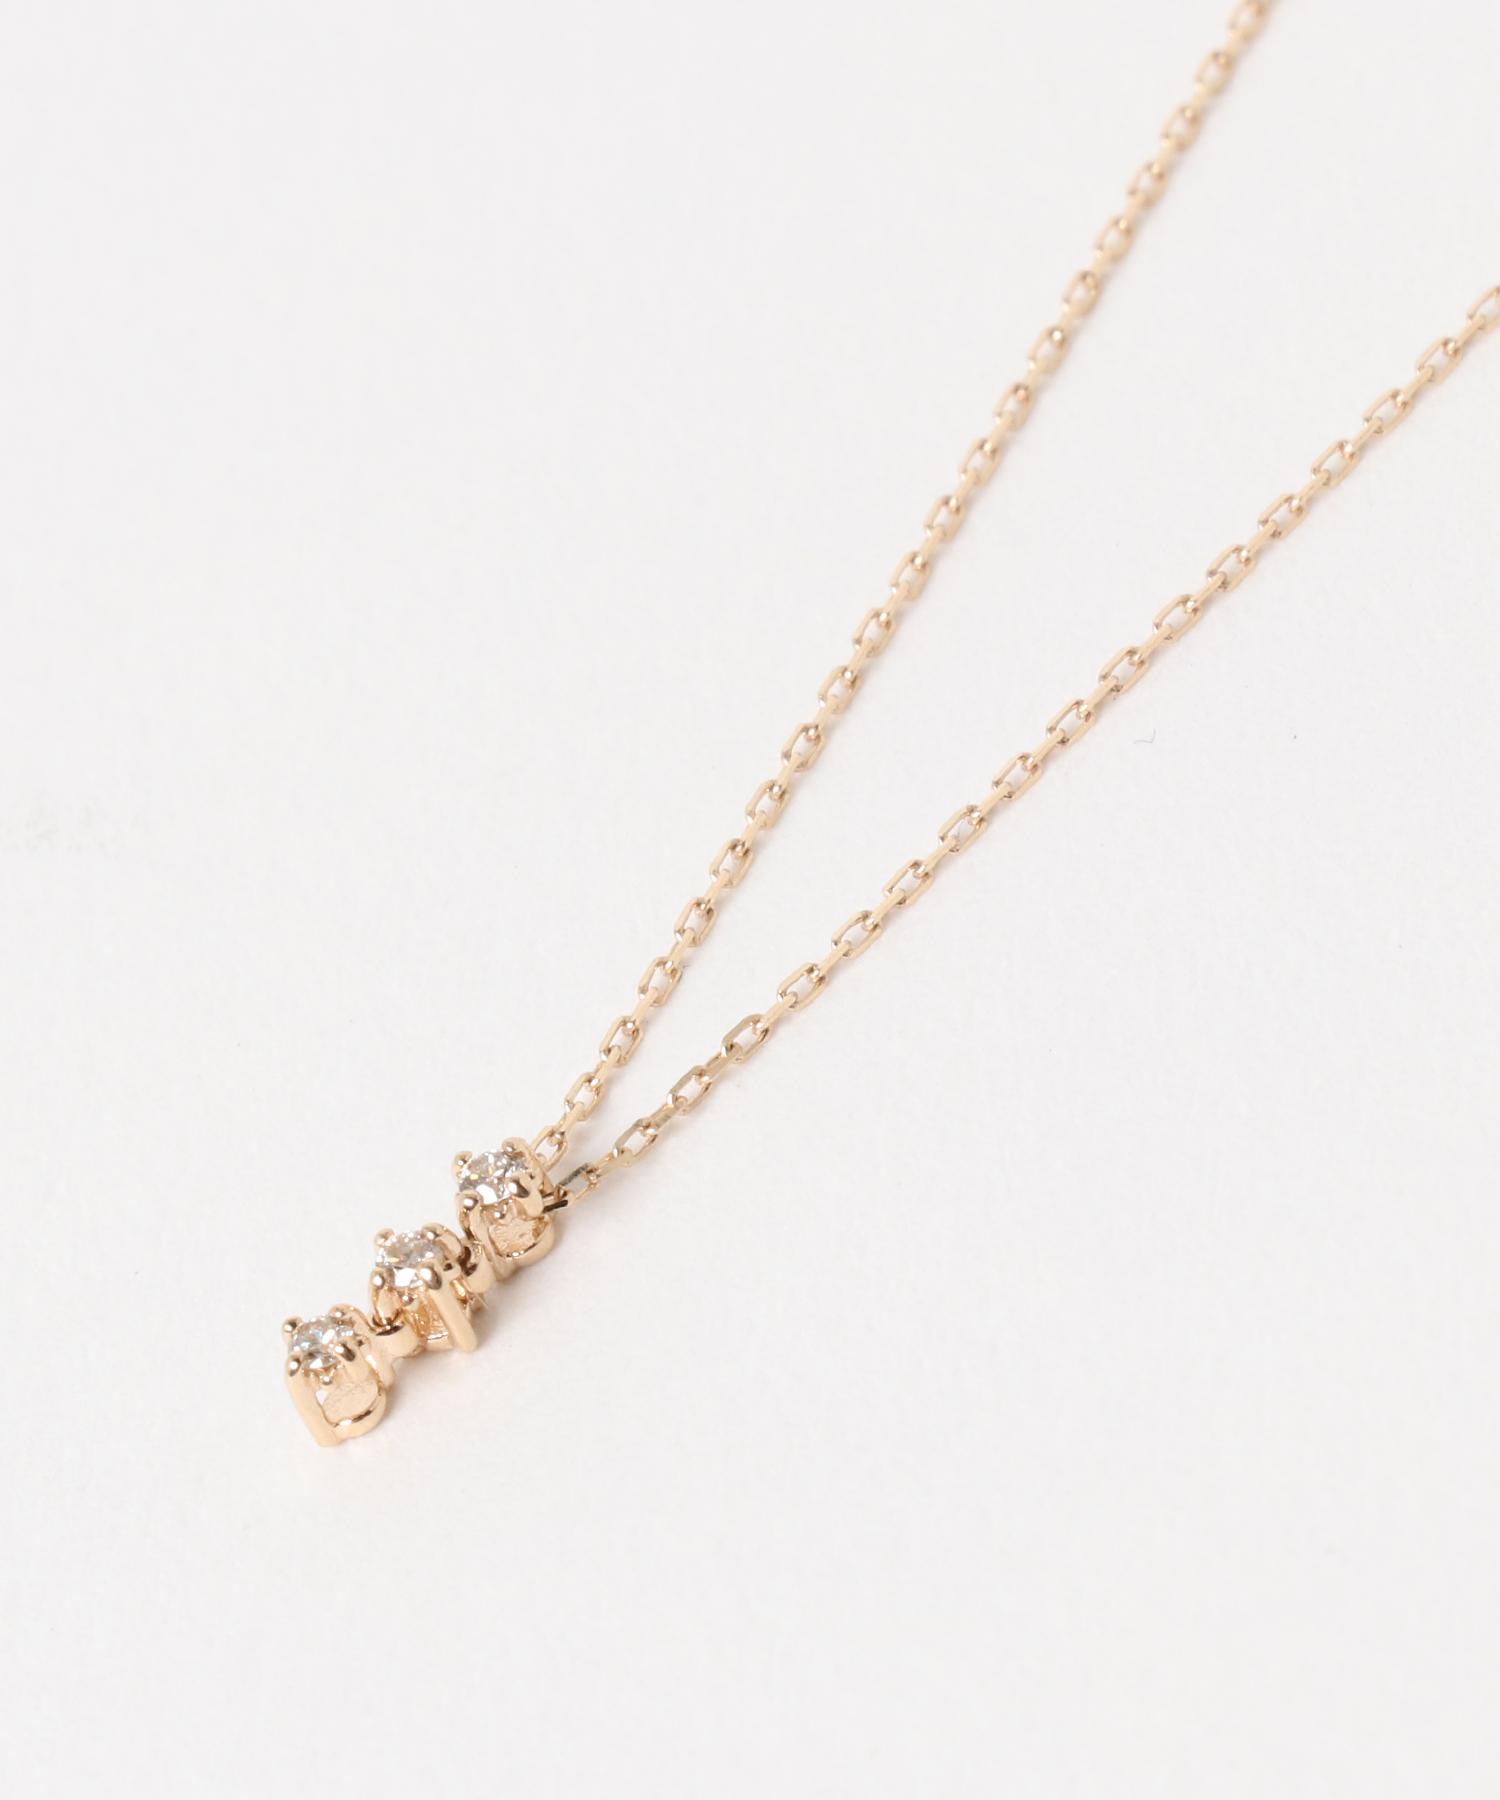 K10ダイヤモンドネックレス